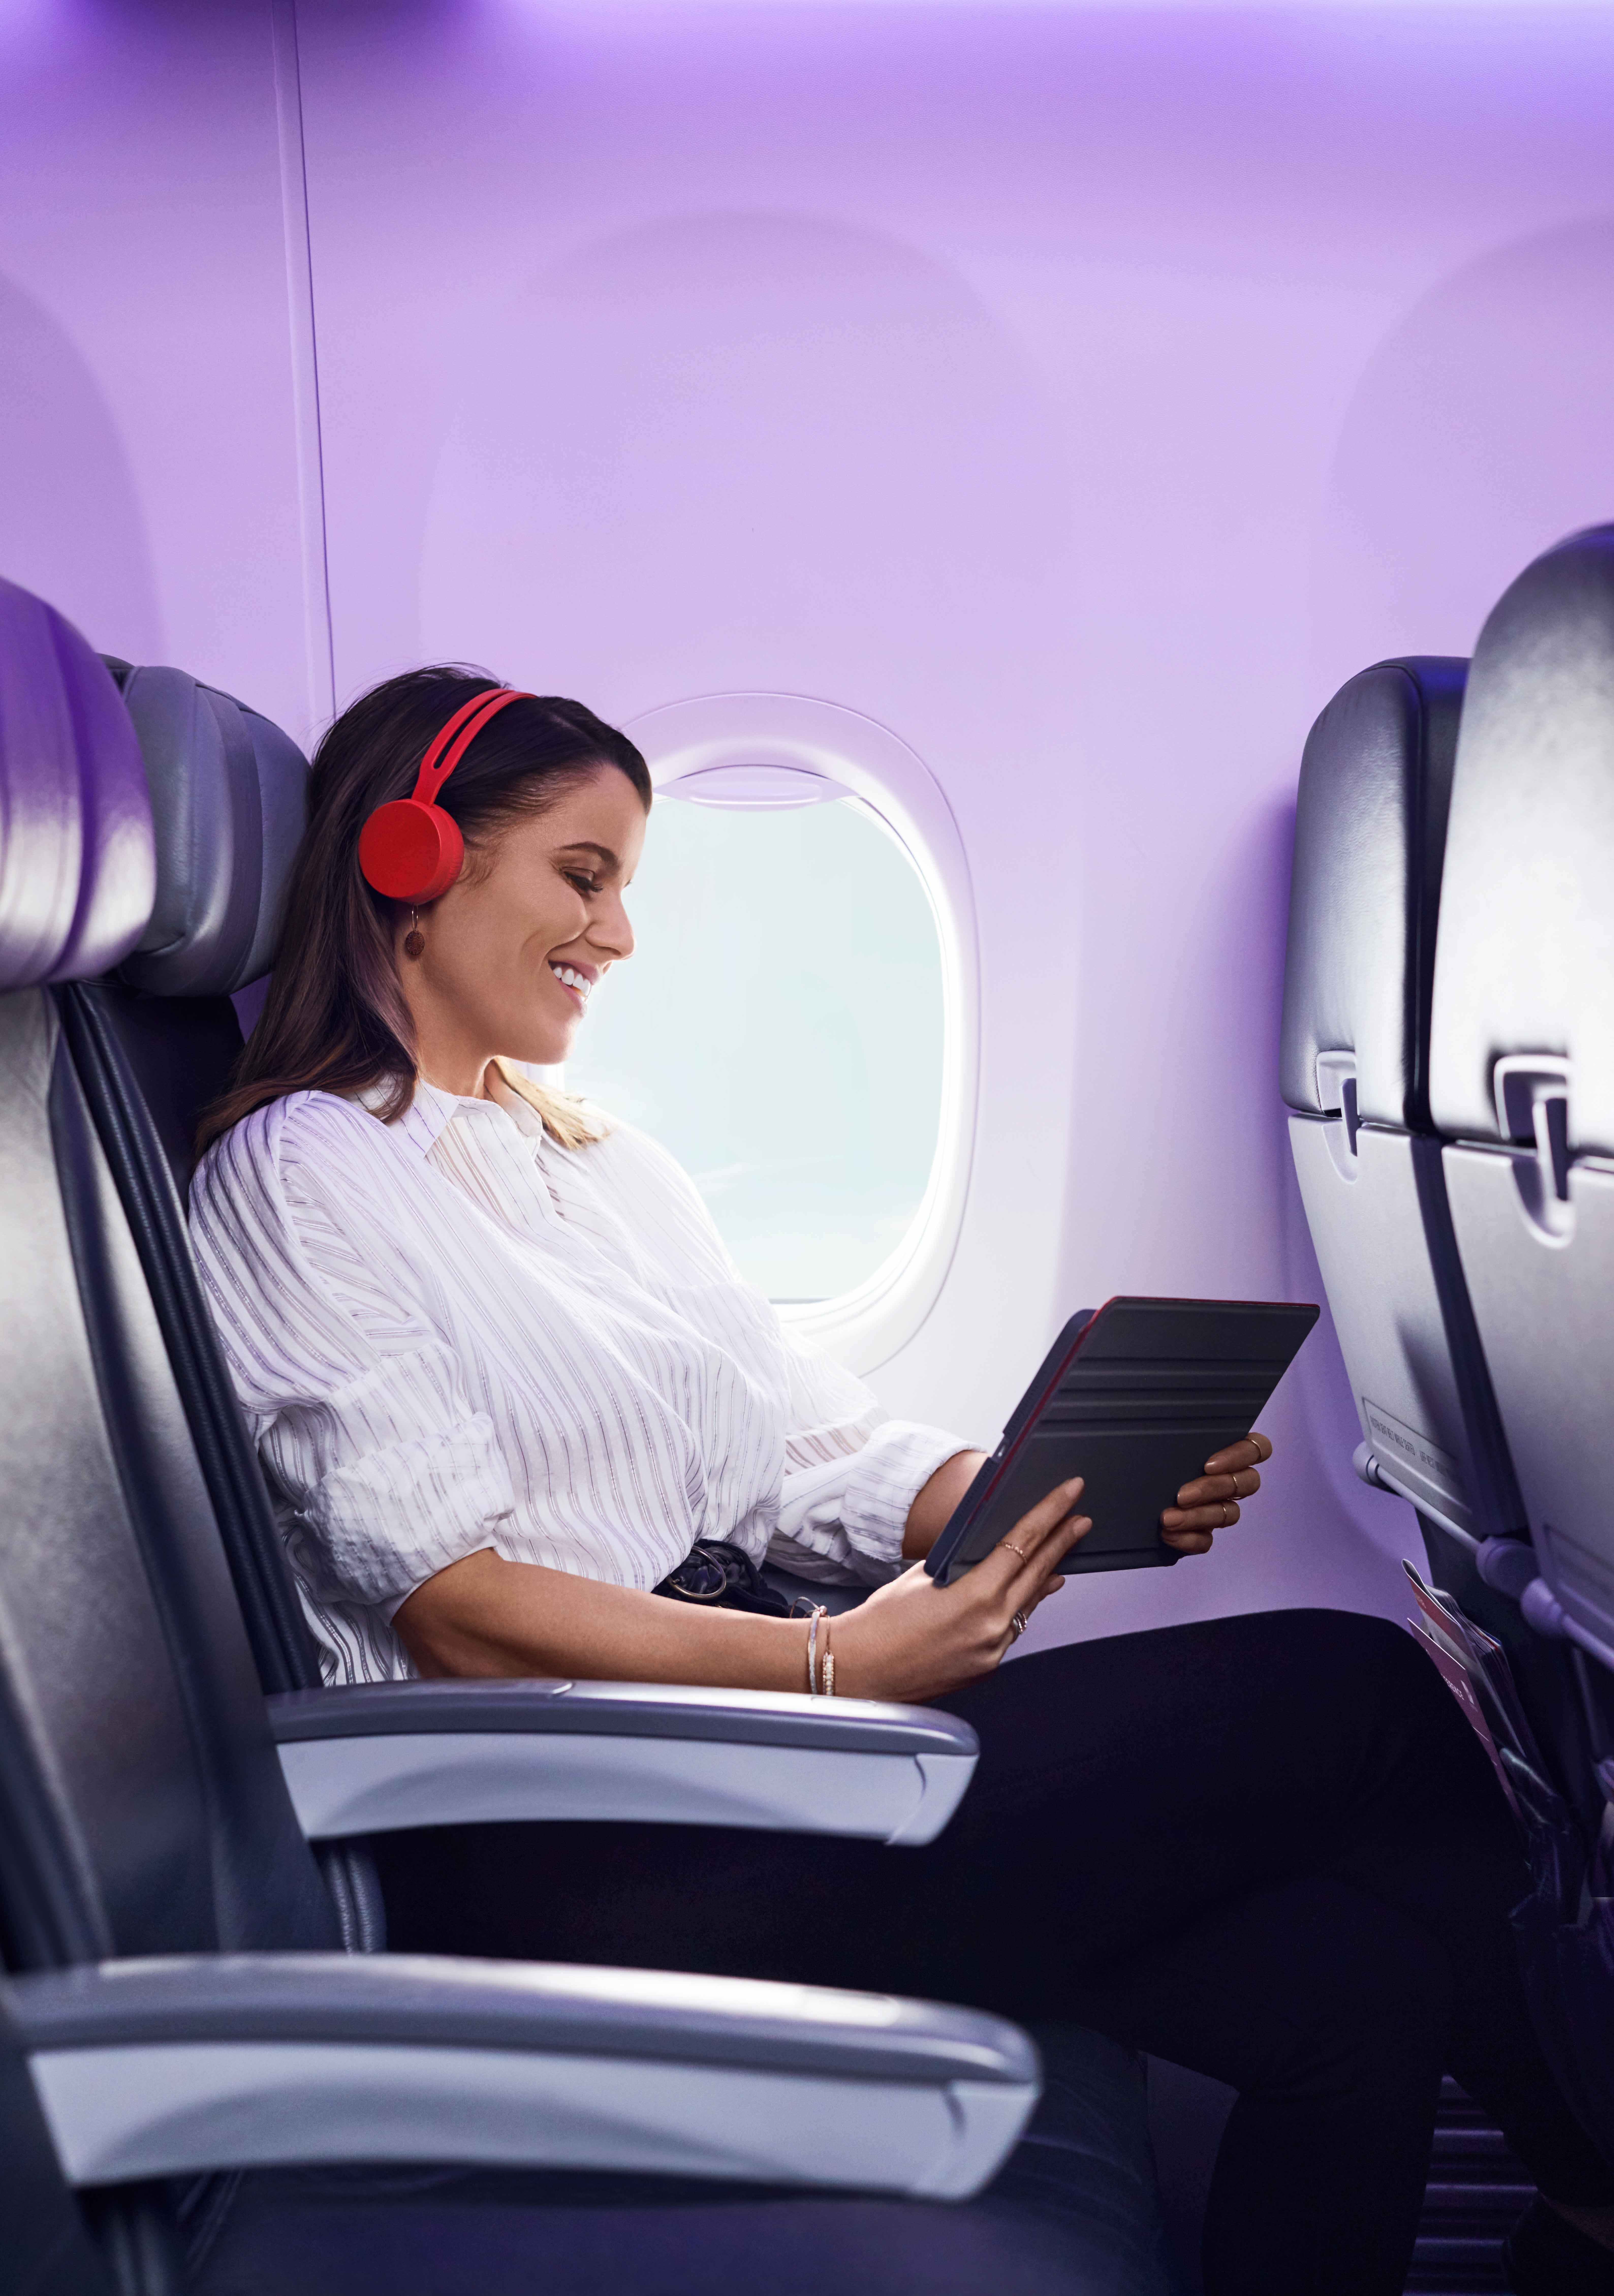 Lady enjoying Virgin Australia flight